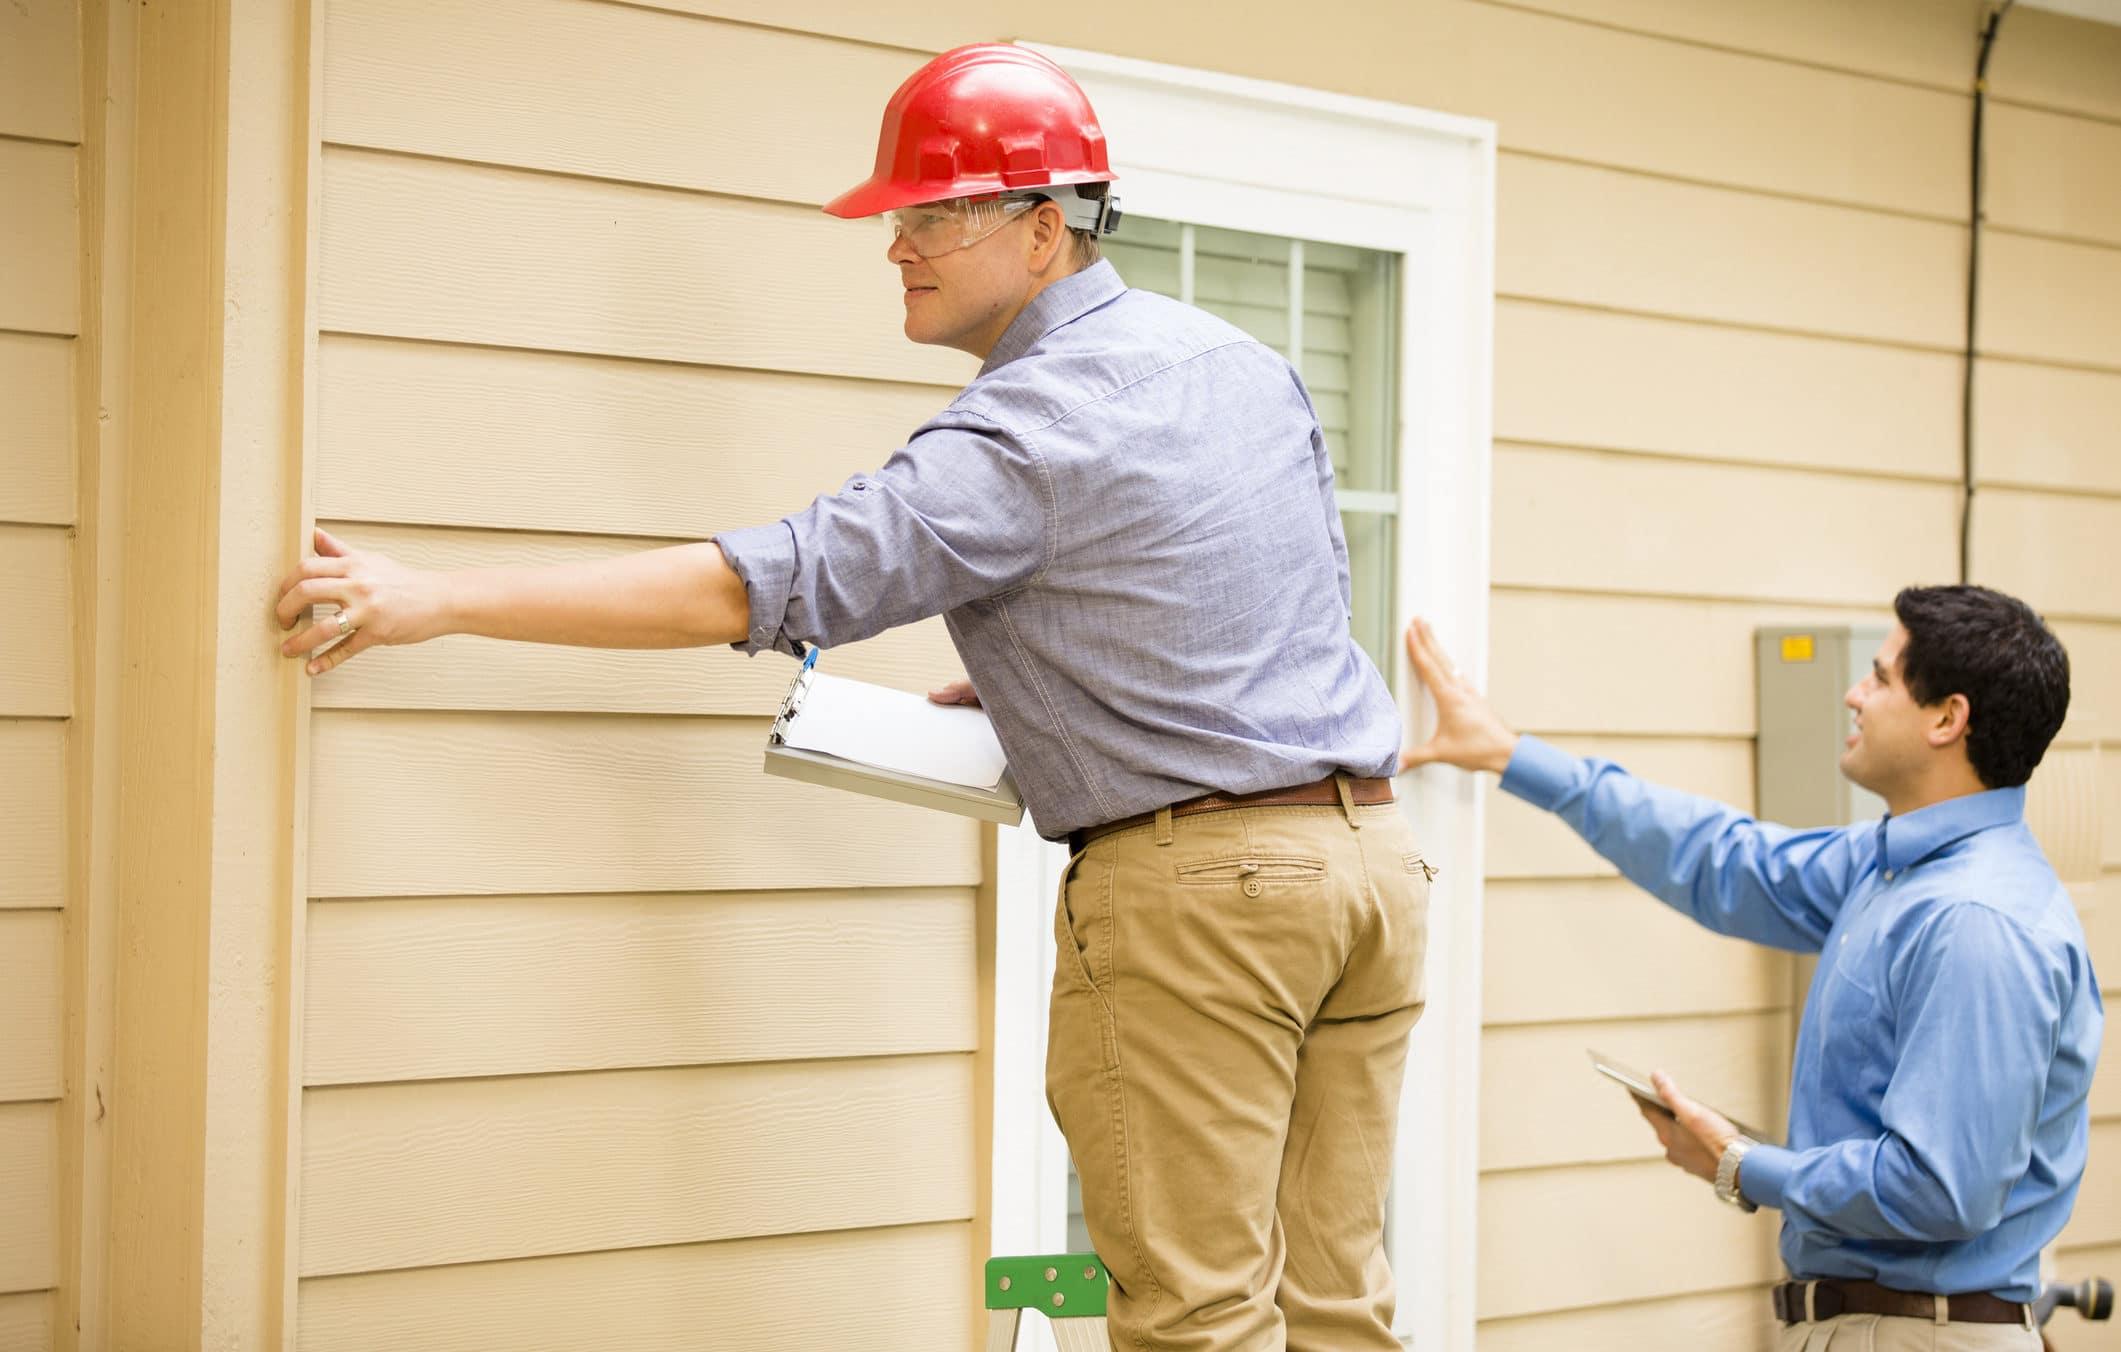 Expert Advice for Rehabbing Houses